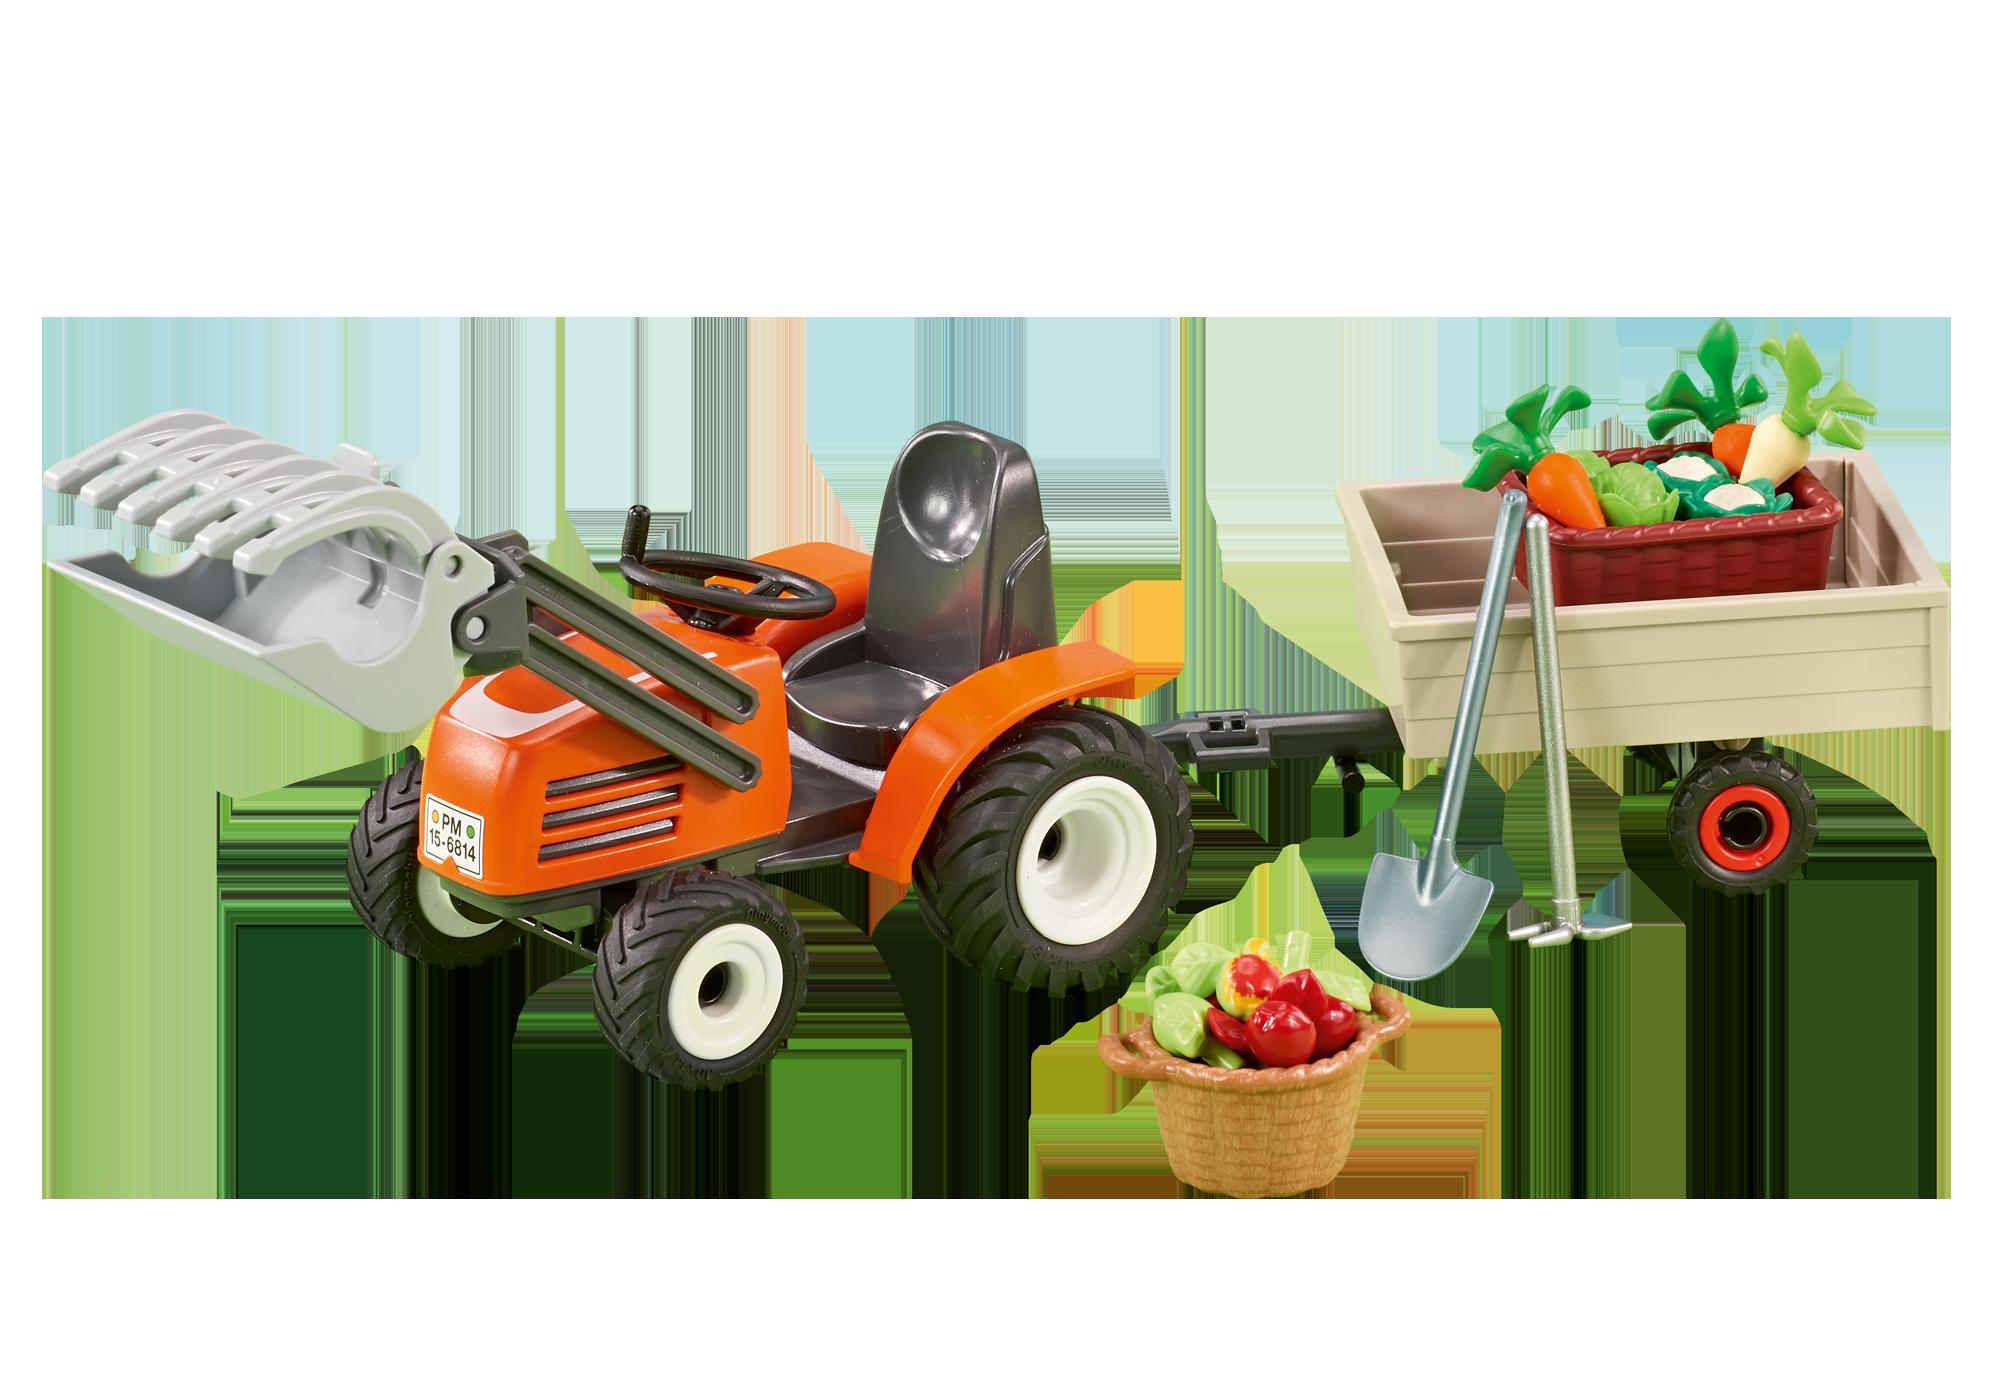 http://media.playmobil.com/i/playmobil/6537_product_detail/Kompakter Frontlader mit Anhänger